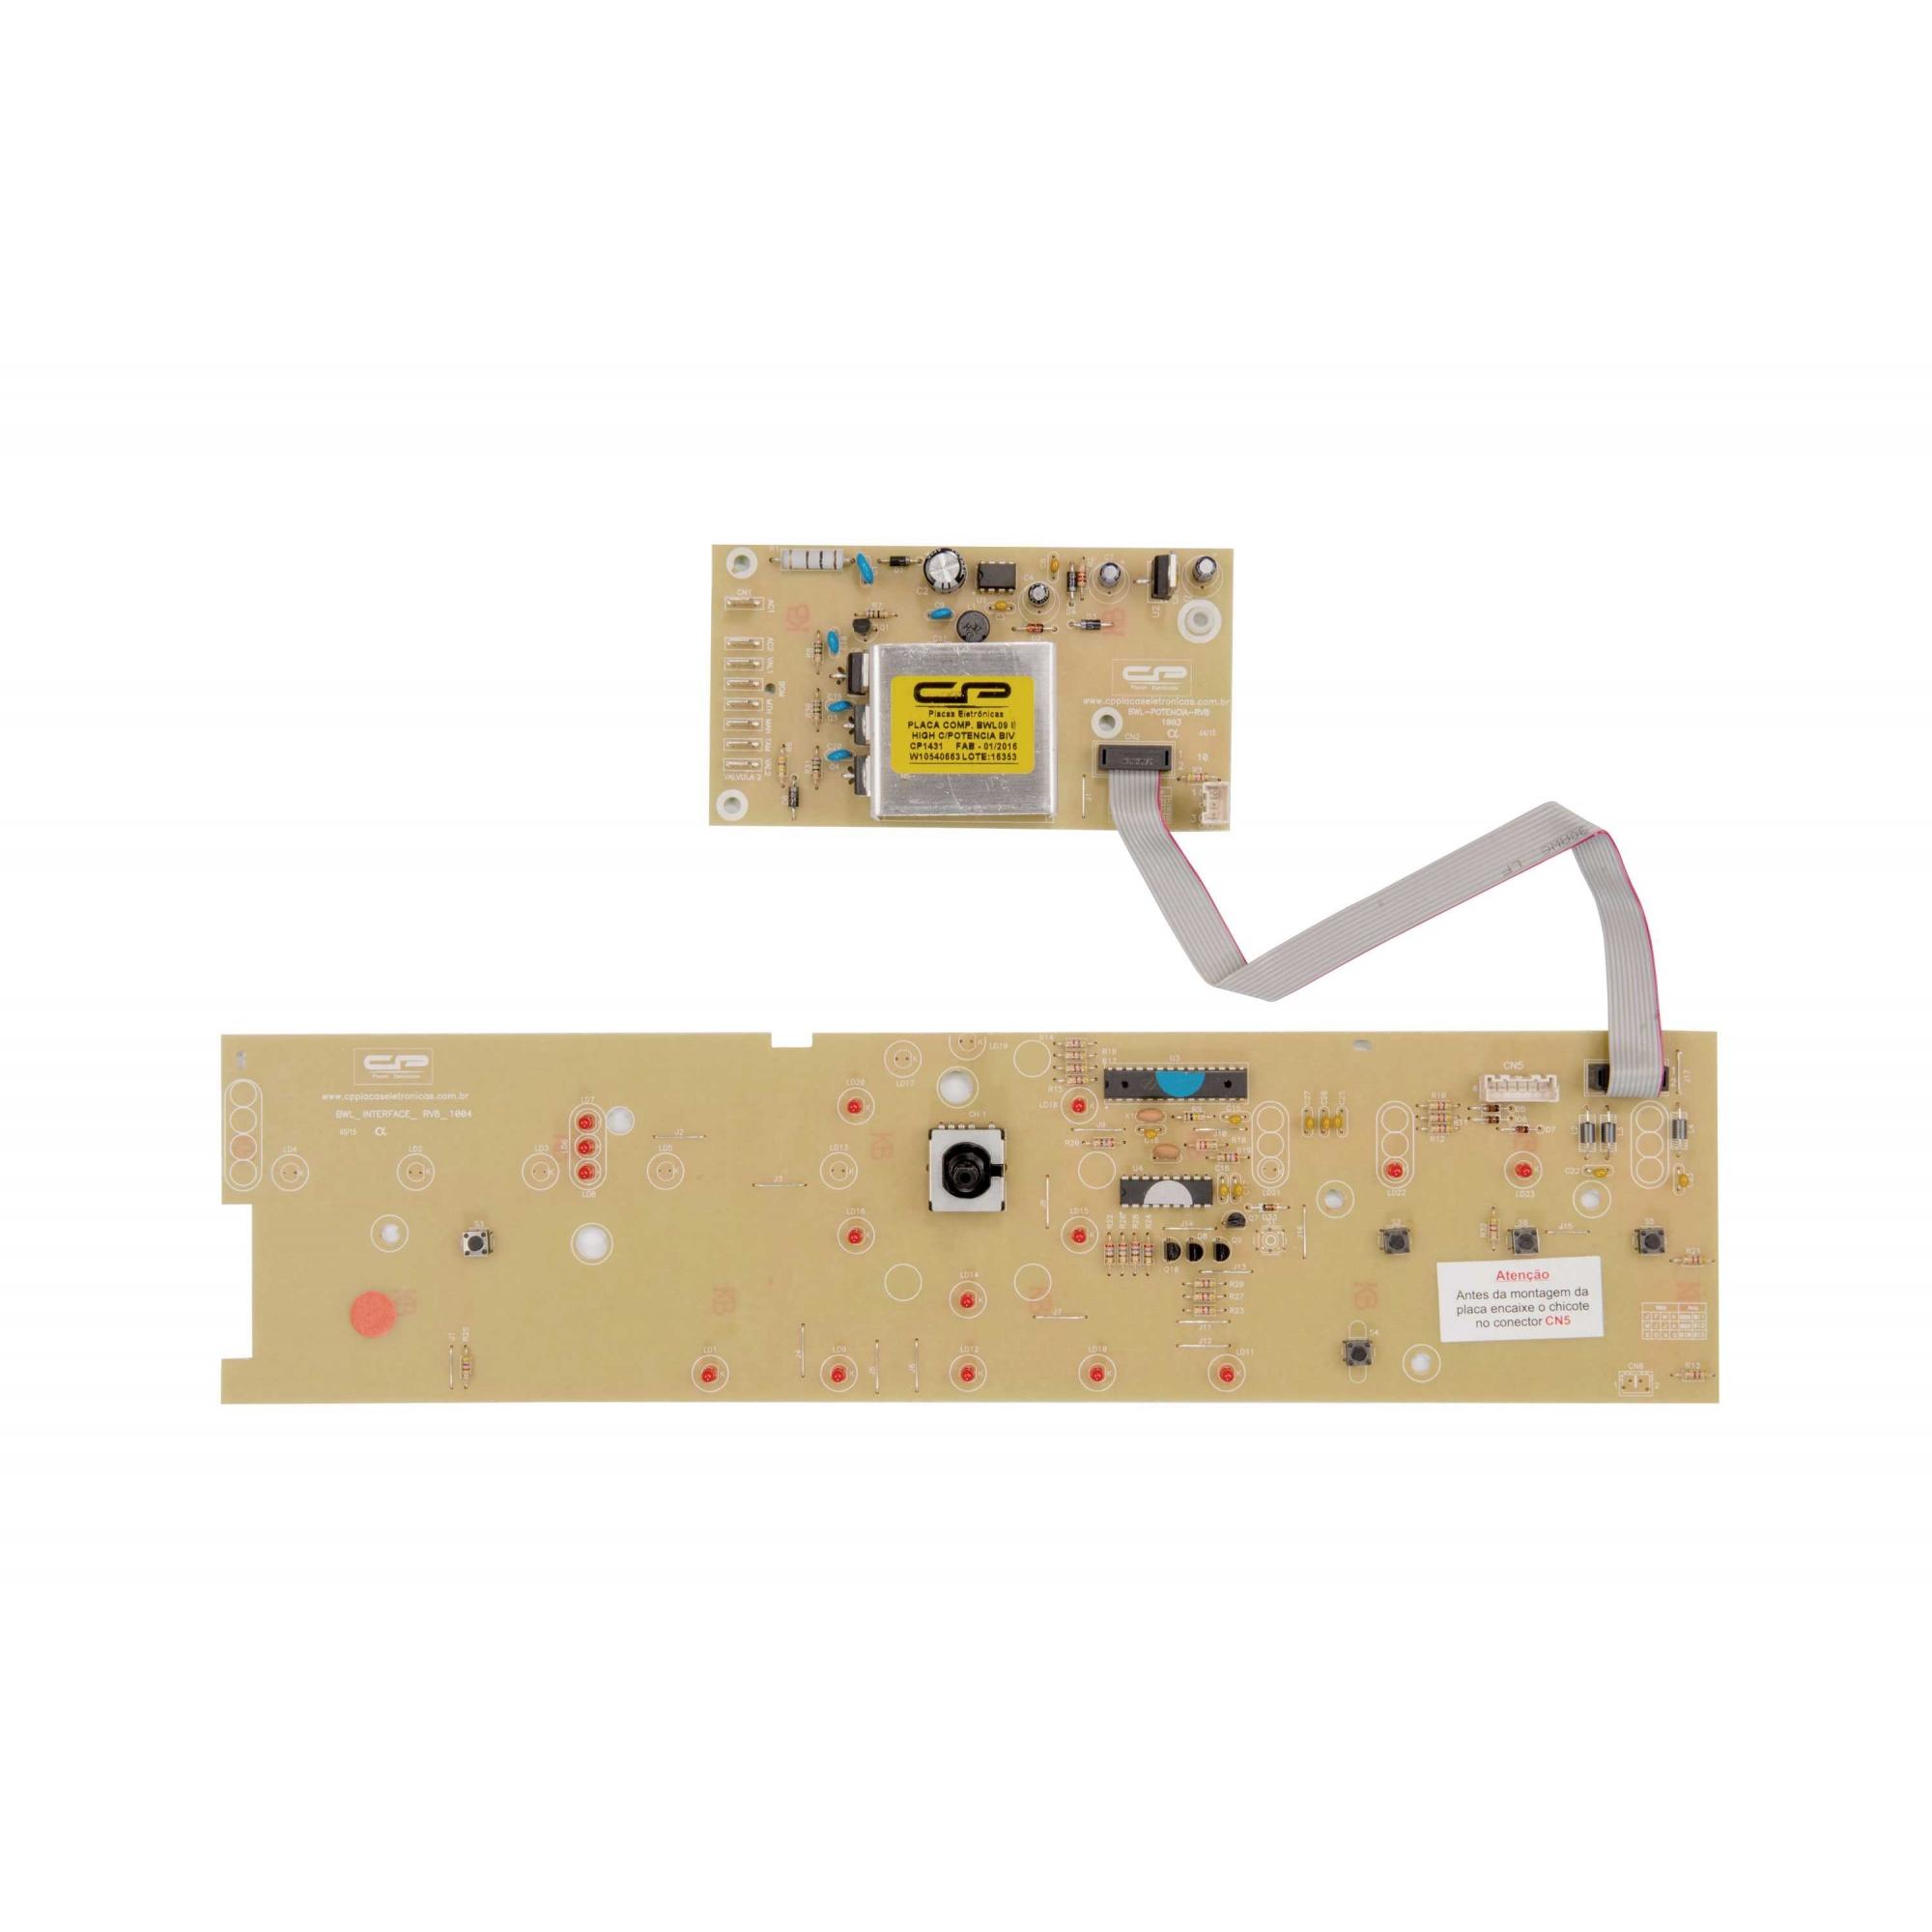 Placa eletronica compatível lavadora Brastemp BWL09B Versão 2